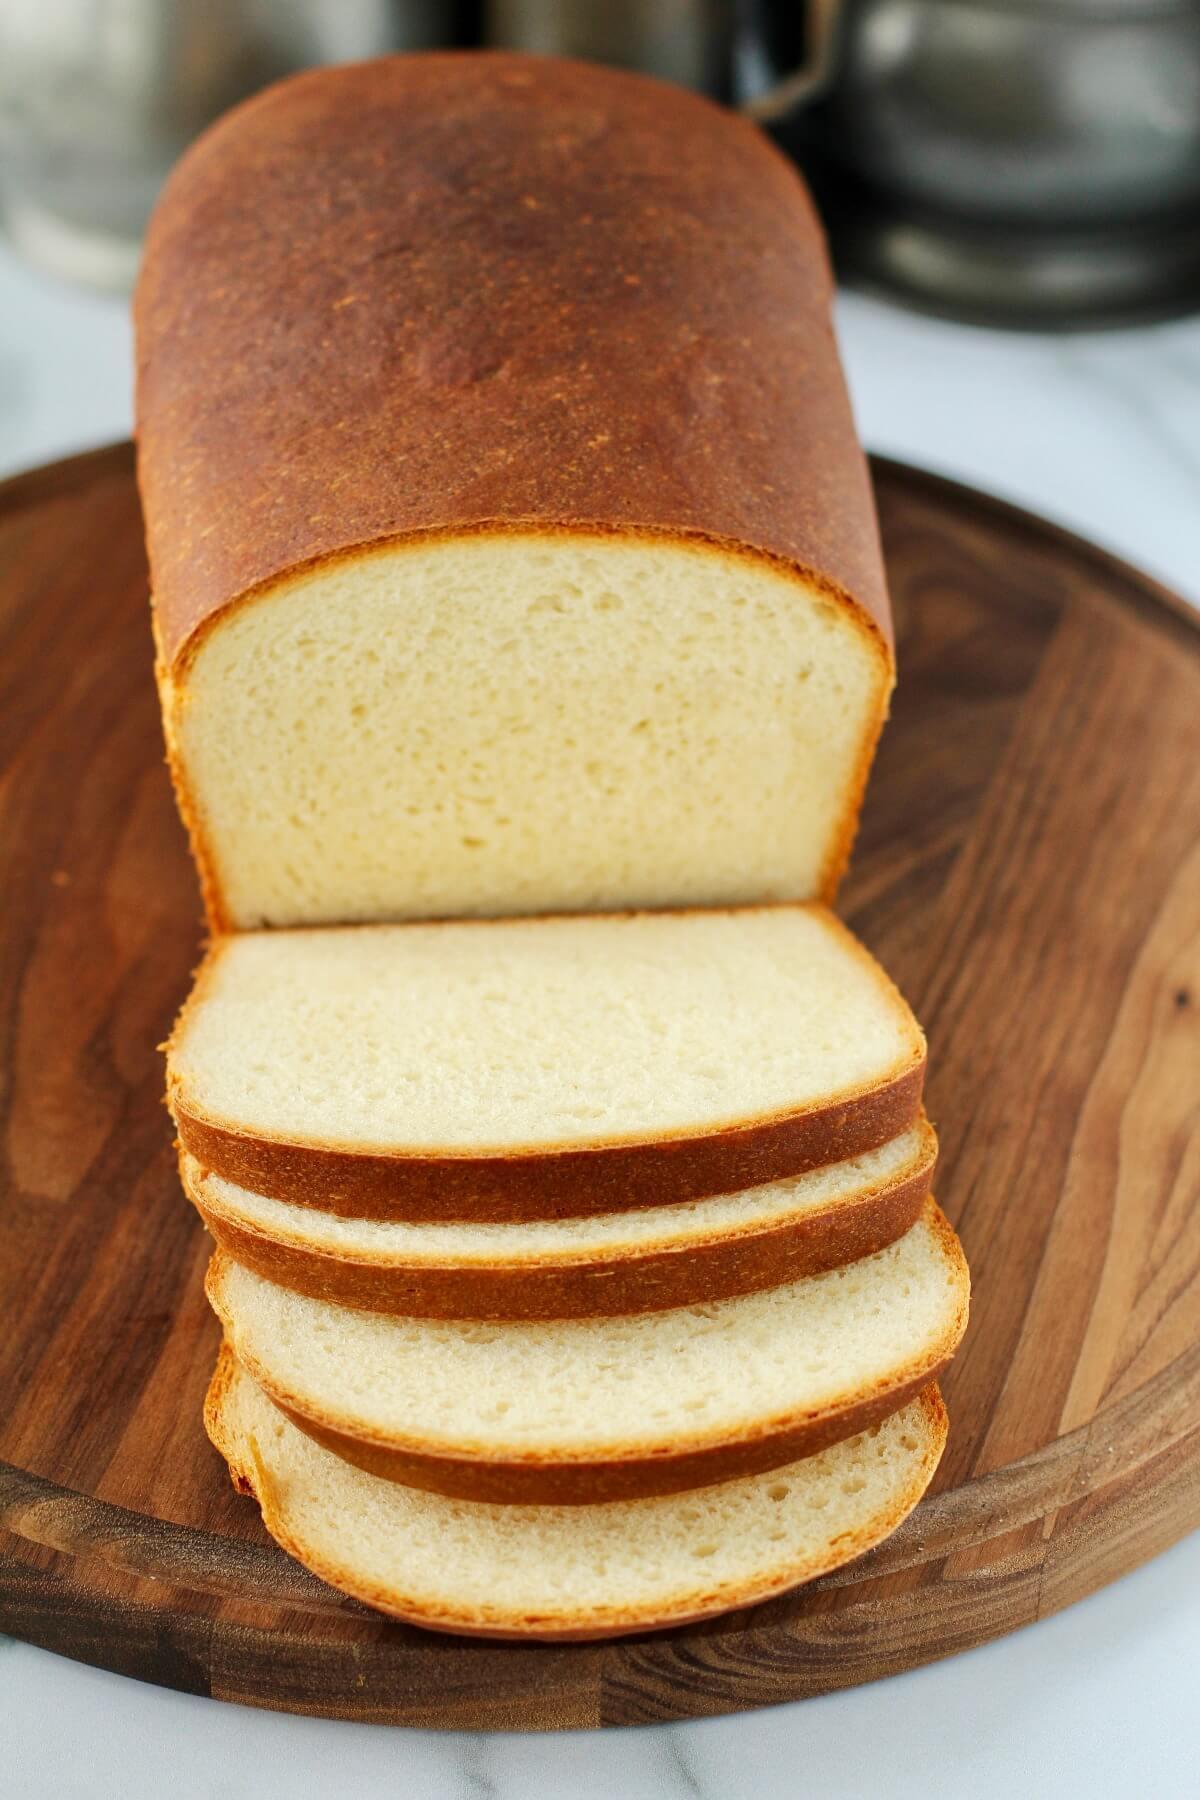 Homemade Wonder Bread (Copycat) sliced